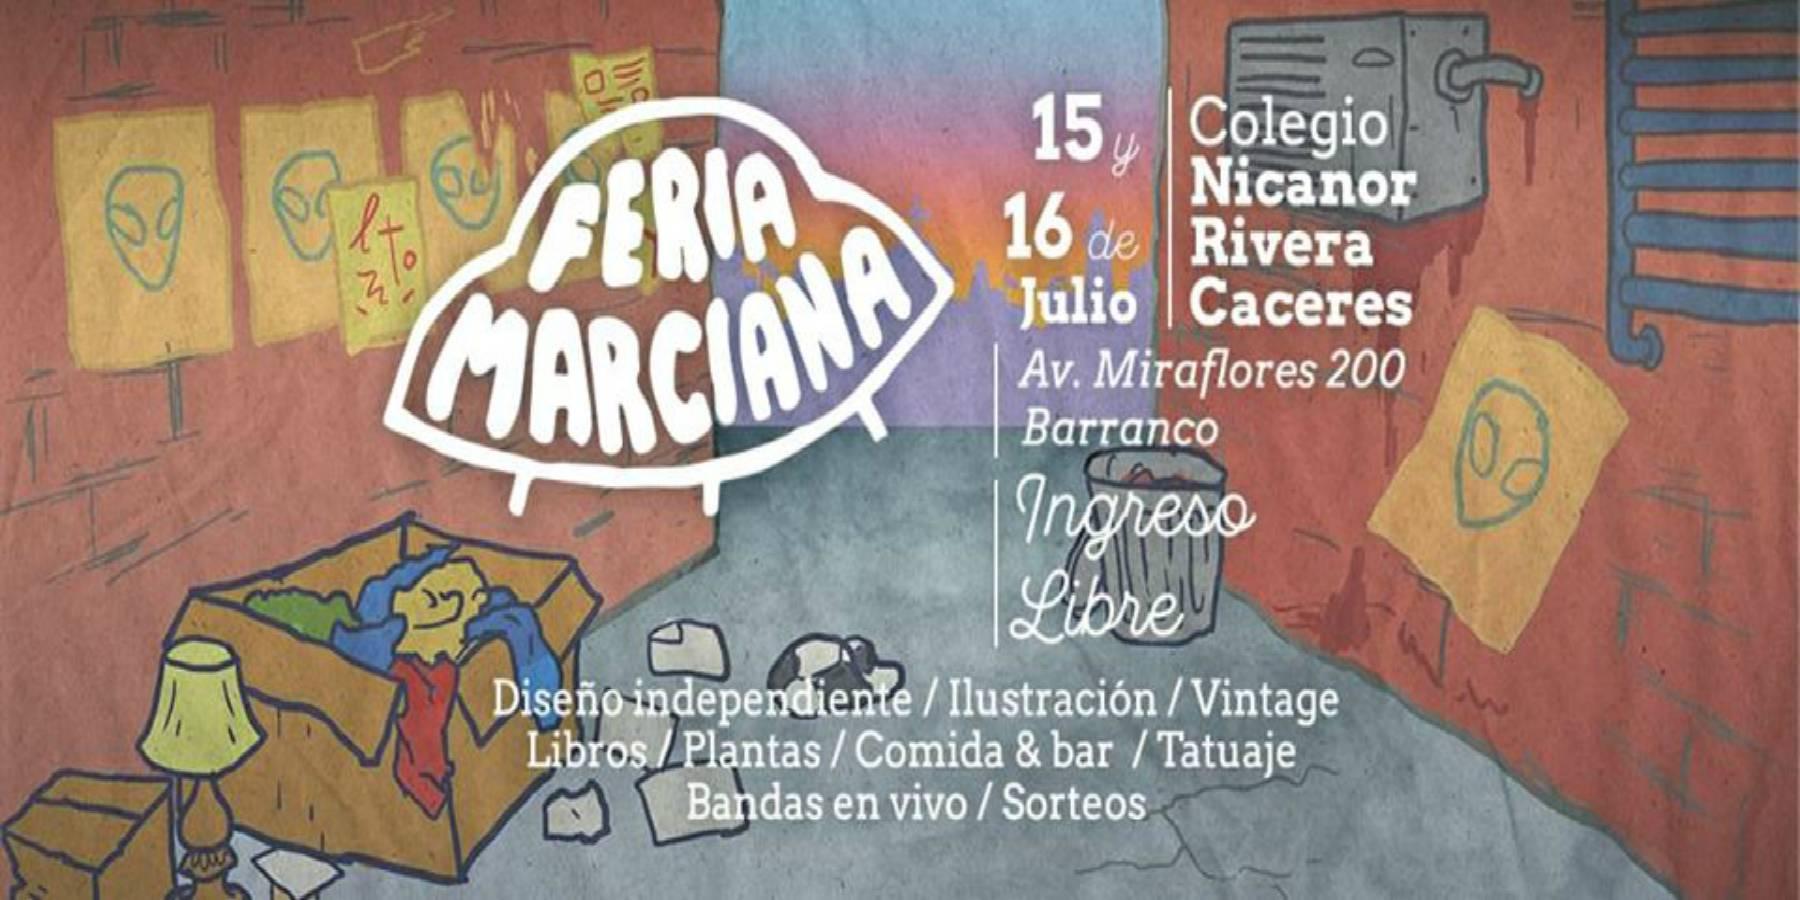 Feria Marciana en Barranco | 15 y 16 de Julio